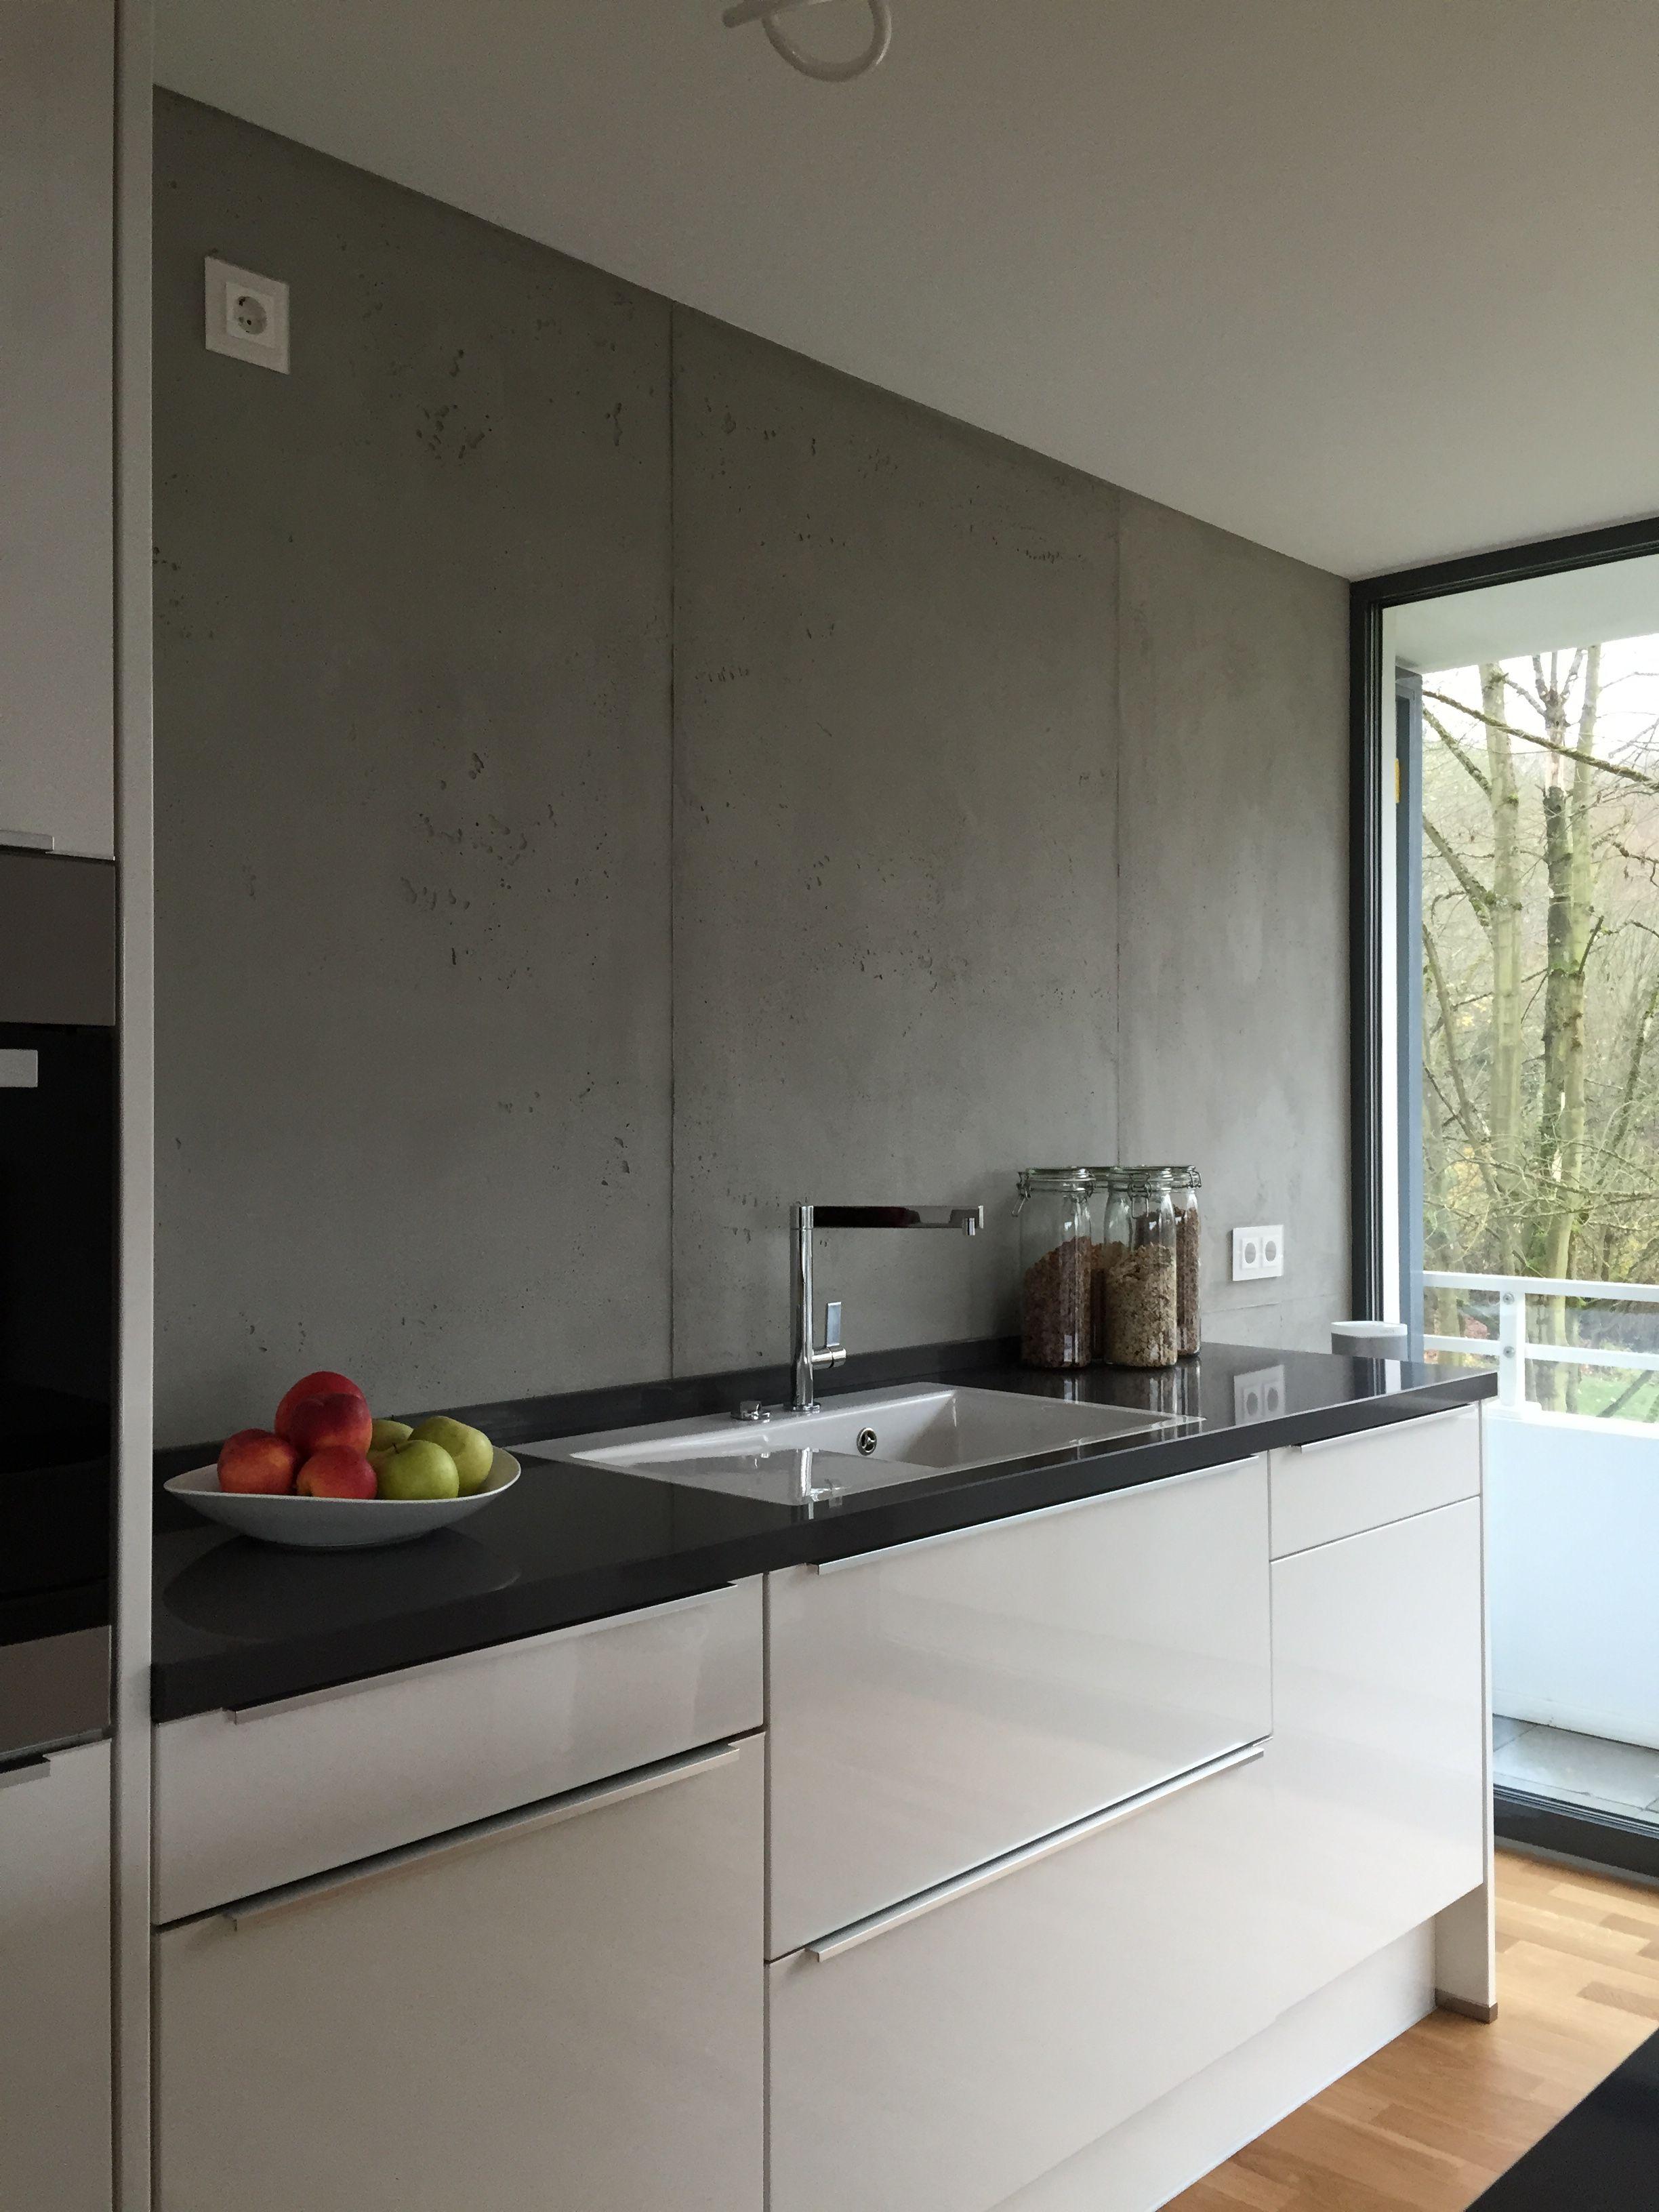 Ausgezeichnet Kleine Küche Designs Mit Wandöfen Bilder - Küchen ...